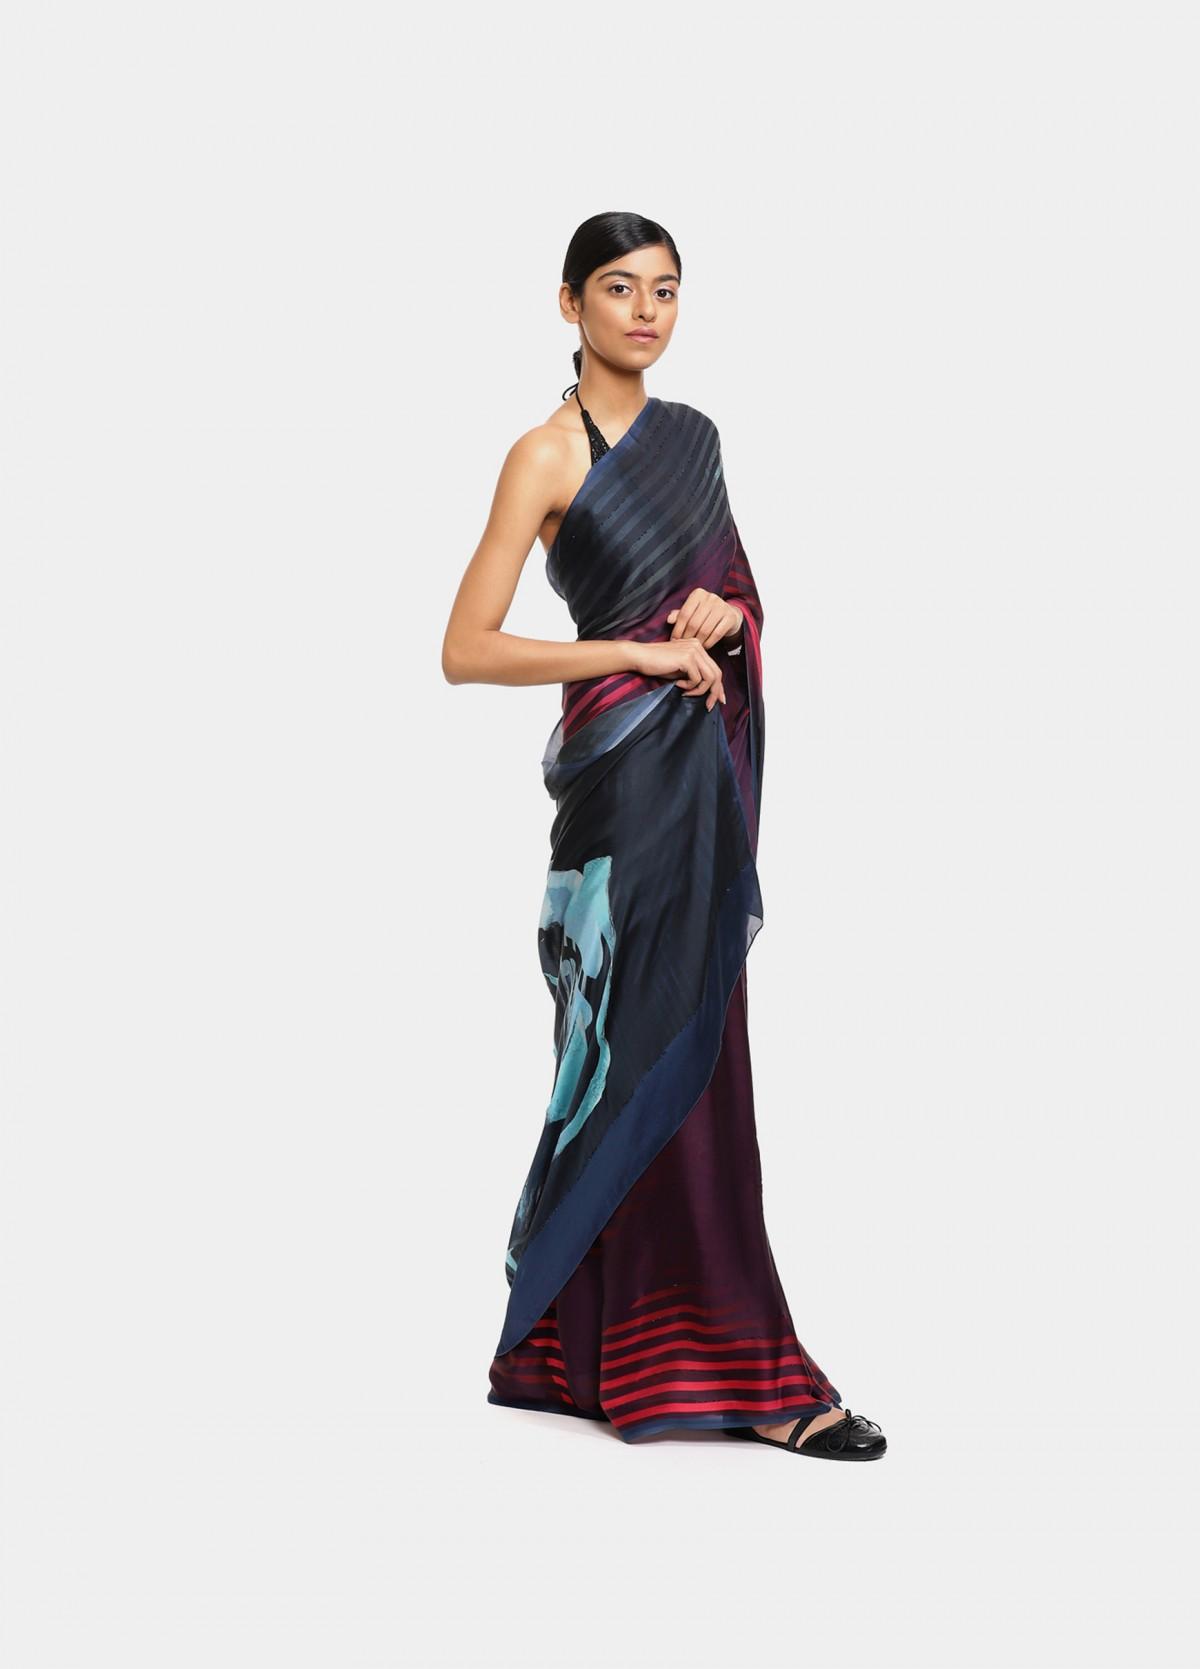 The Magnolia Sari